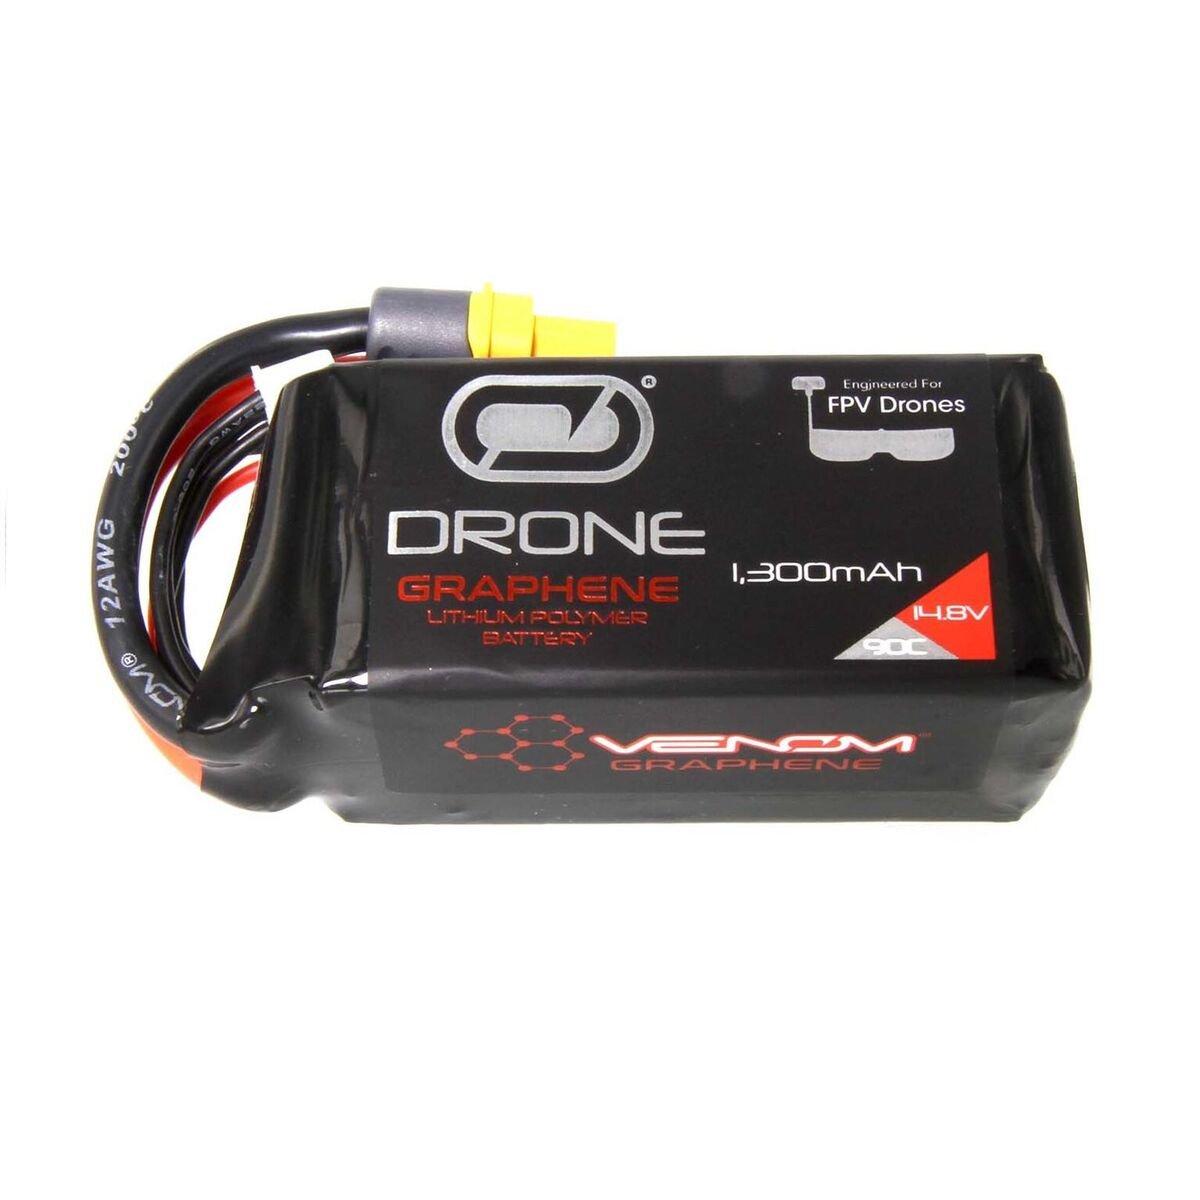 Graphene 90C 4S 1300mAh 14.8V Drone Race